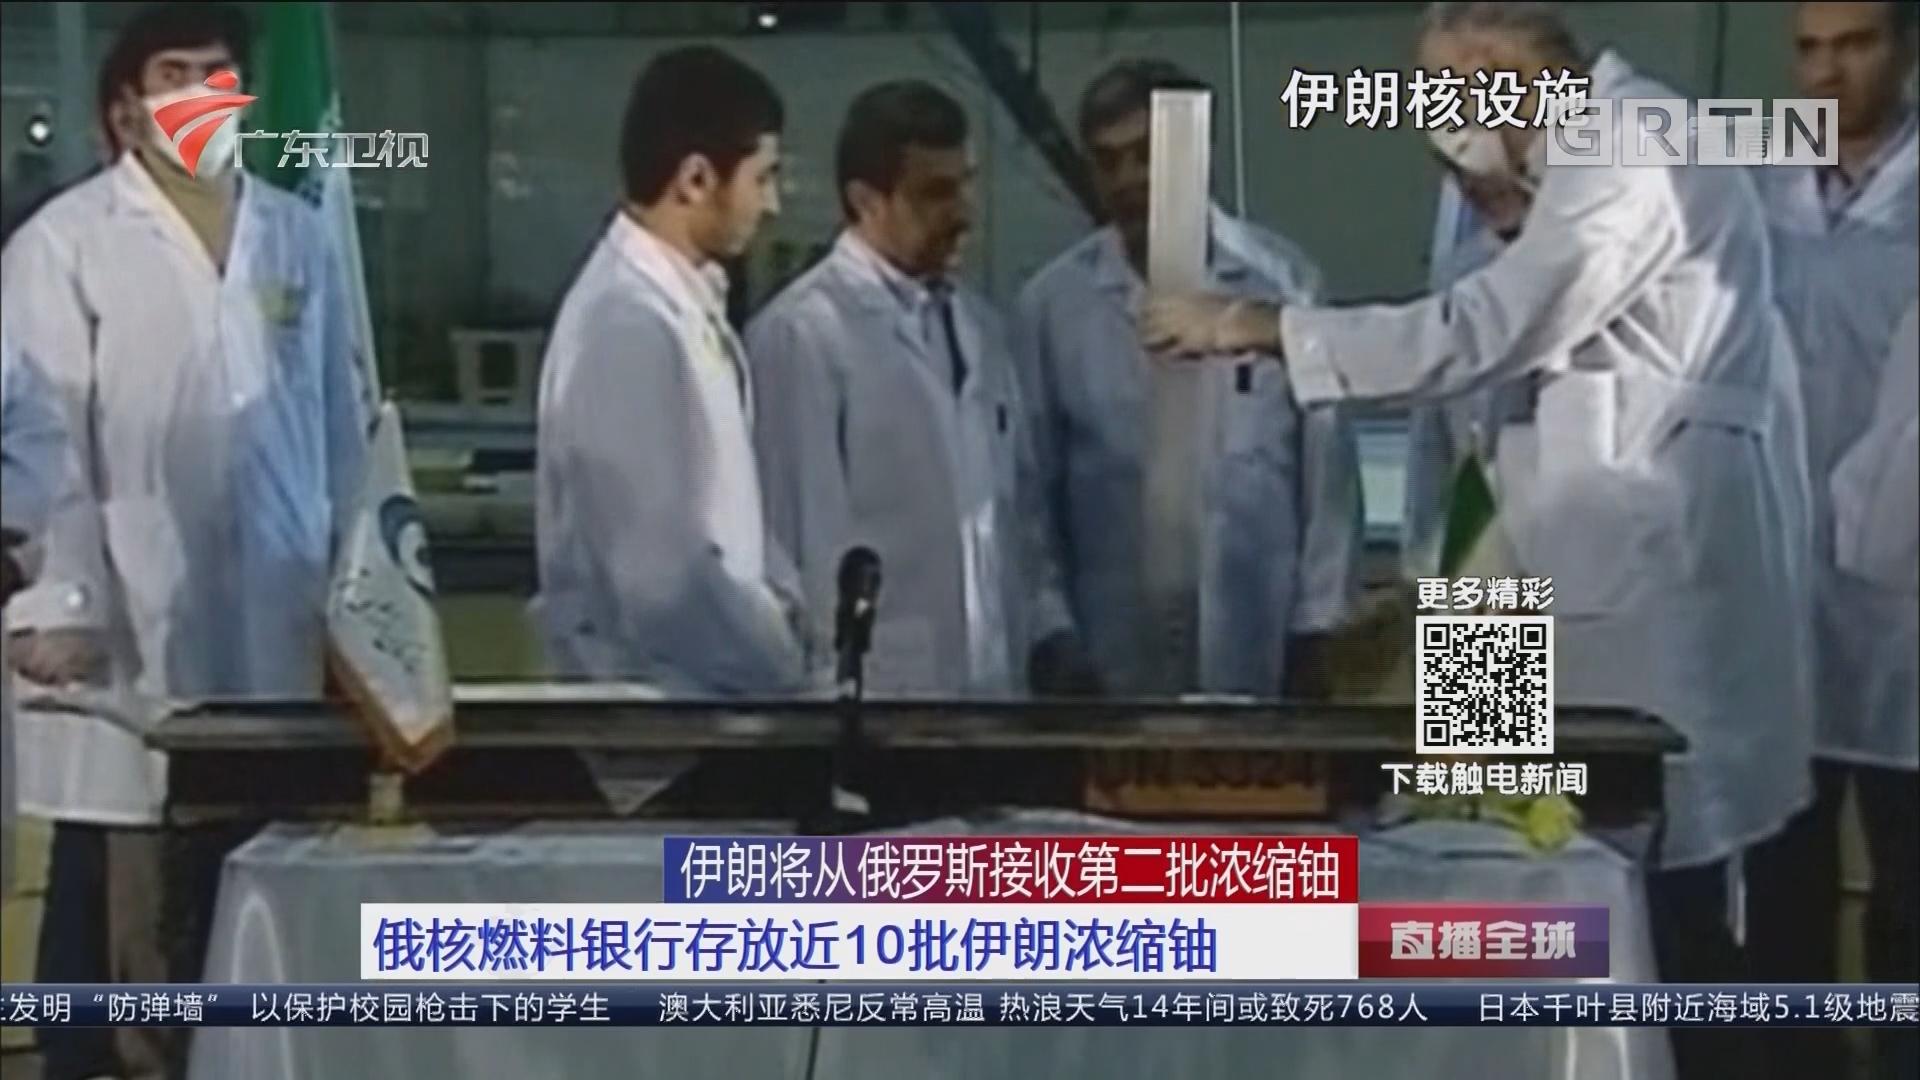 伊朗将从俄罗斯接收第二批浓缩铀 俄核燃料银行存放近10批伊朗浓缩铀